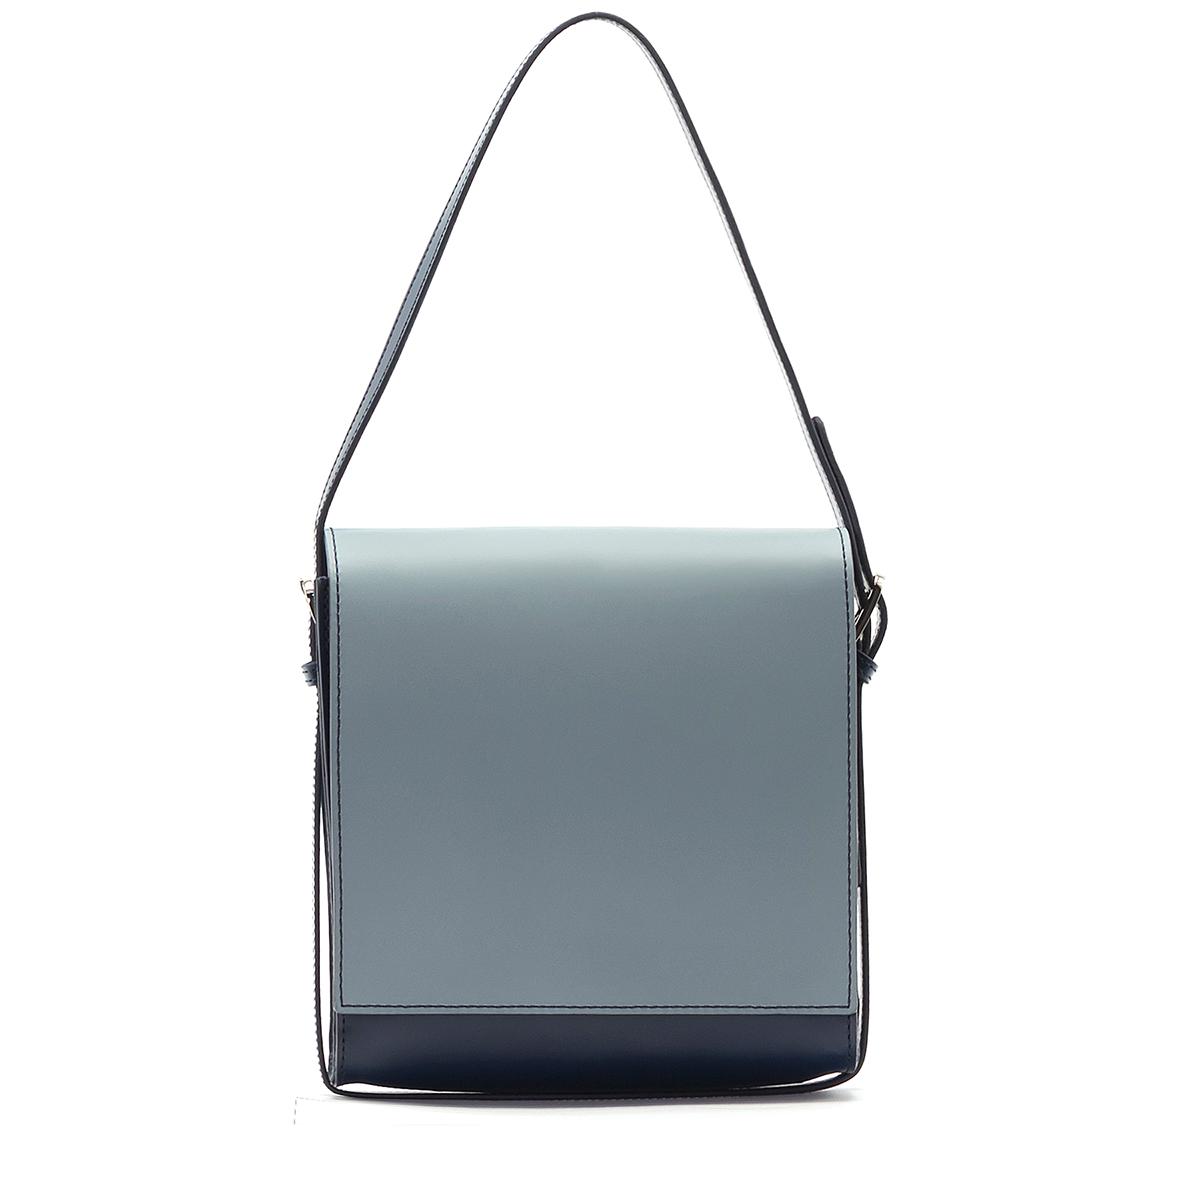 A.Cloud Double Color Square Cross Bag